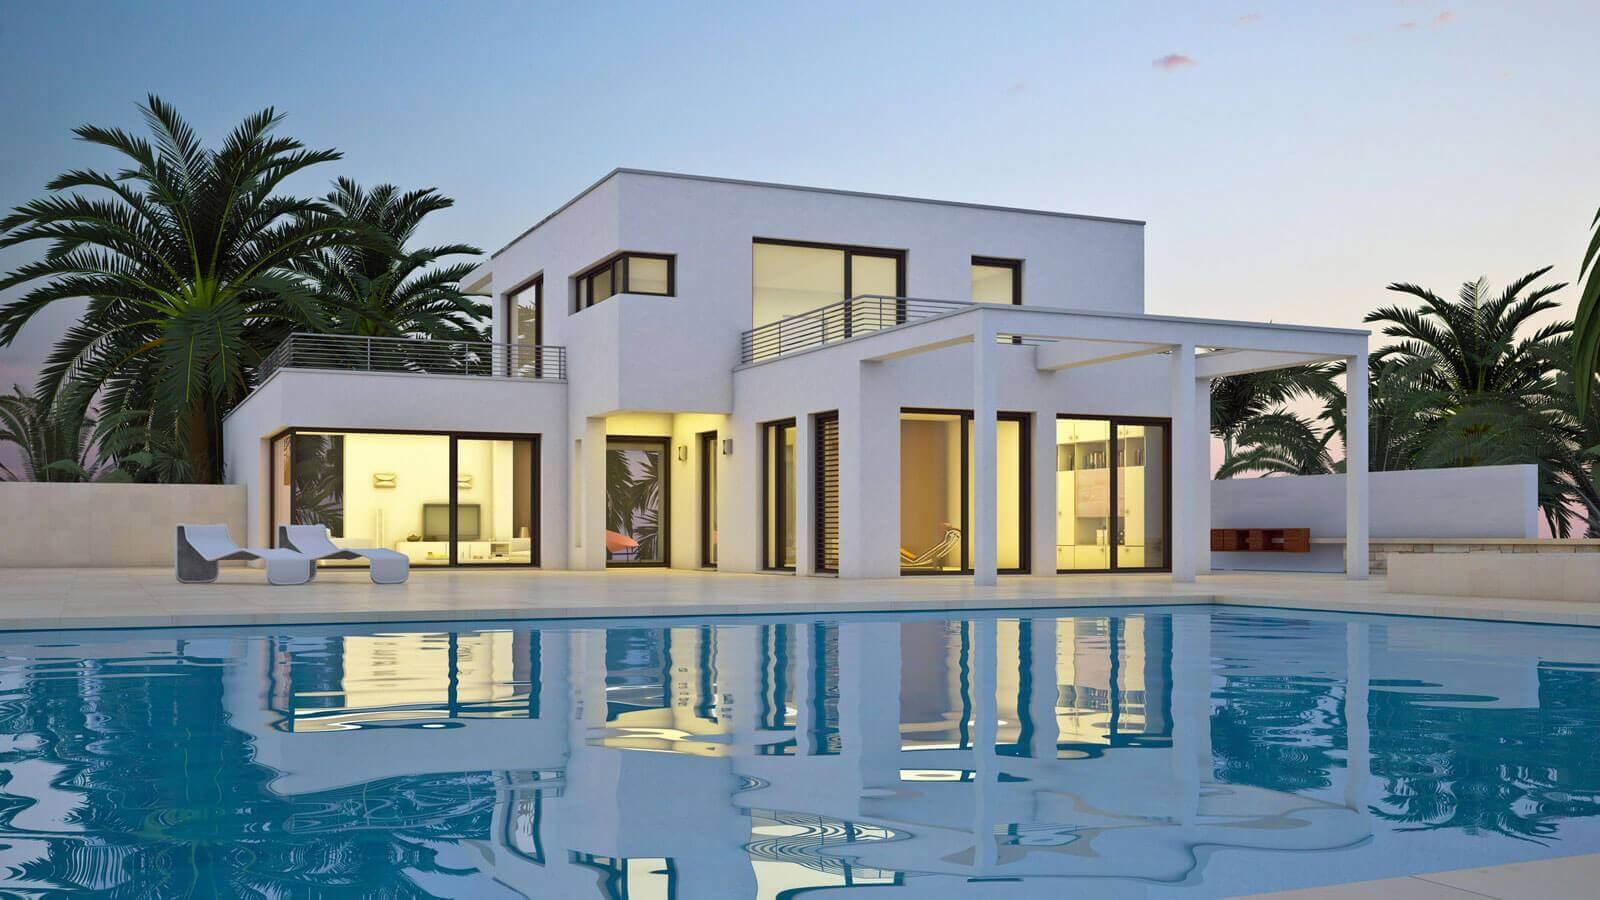 Vero affare agenzia immobiliare for Ammobiliare casa